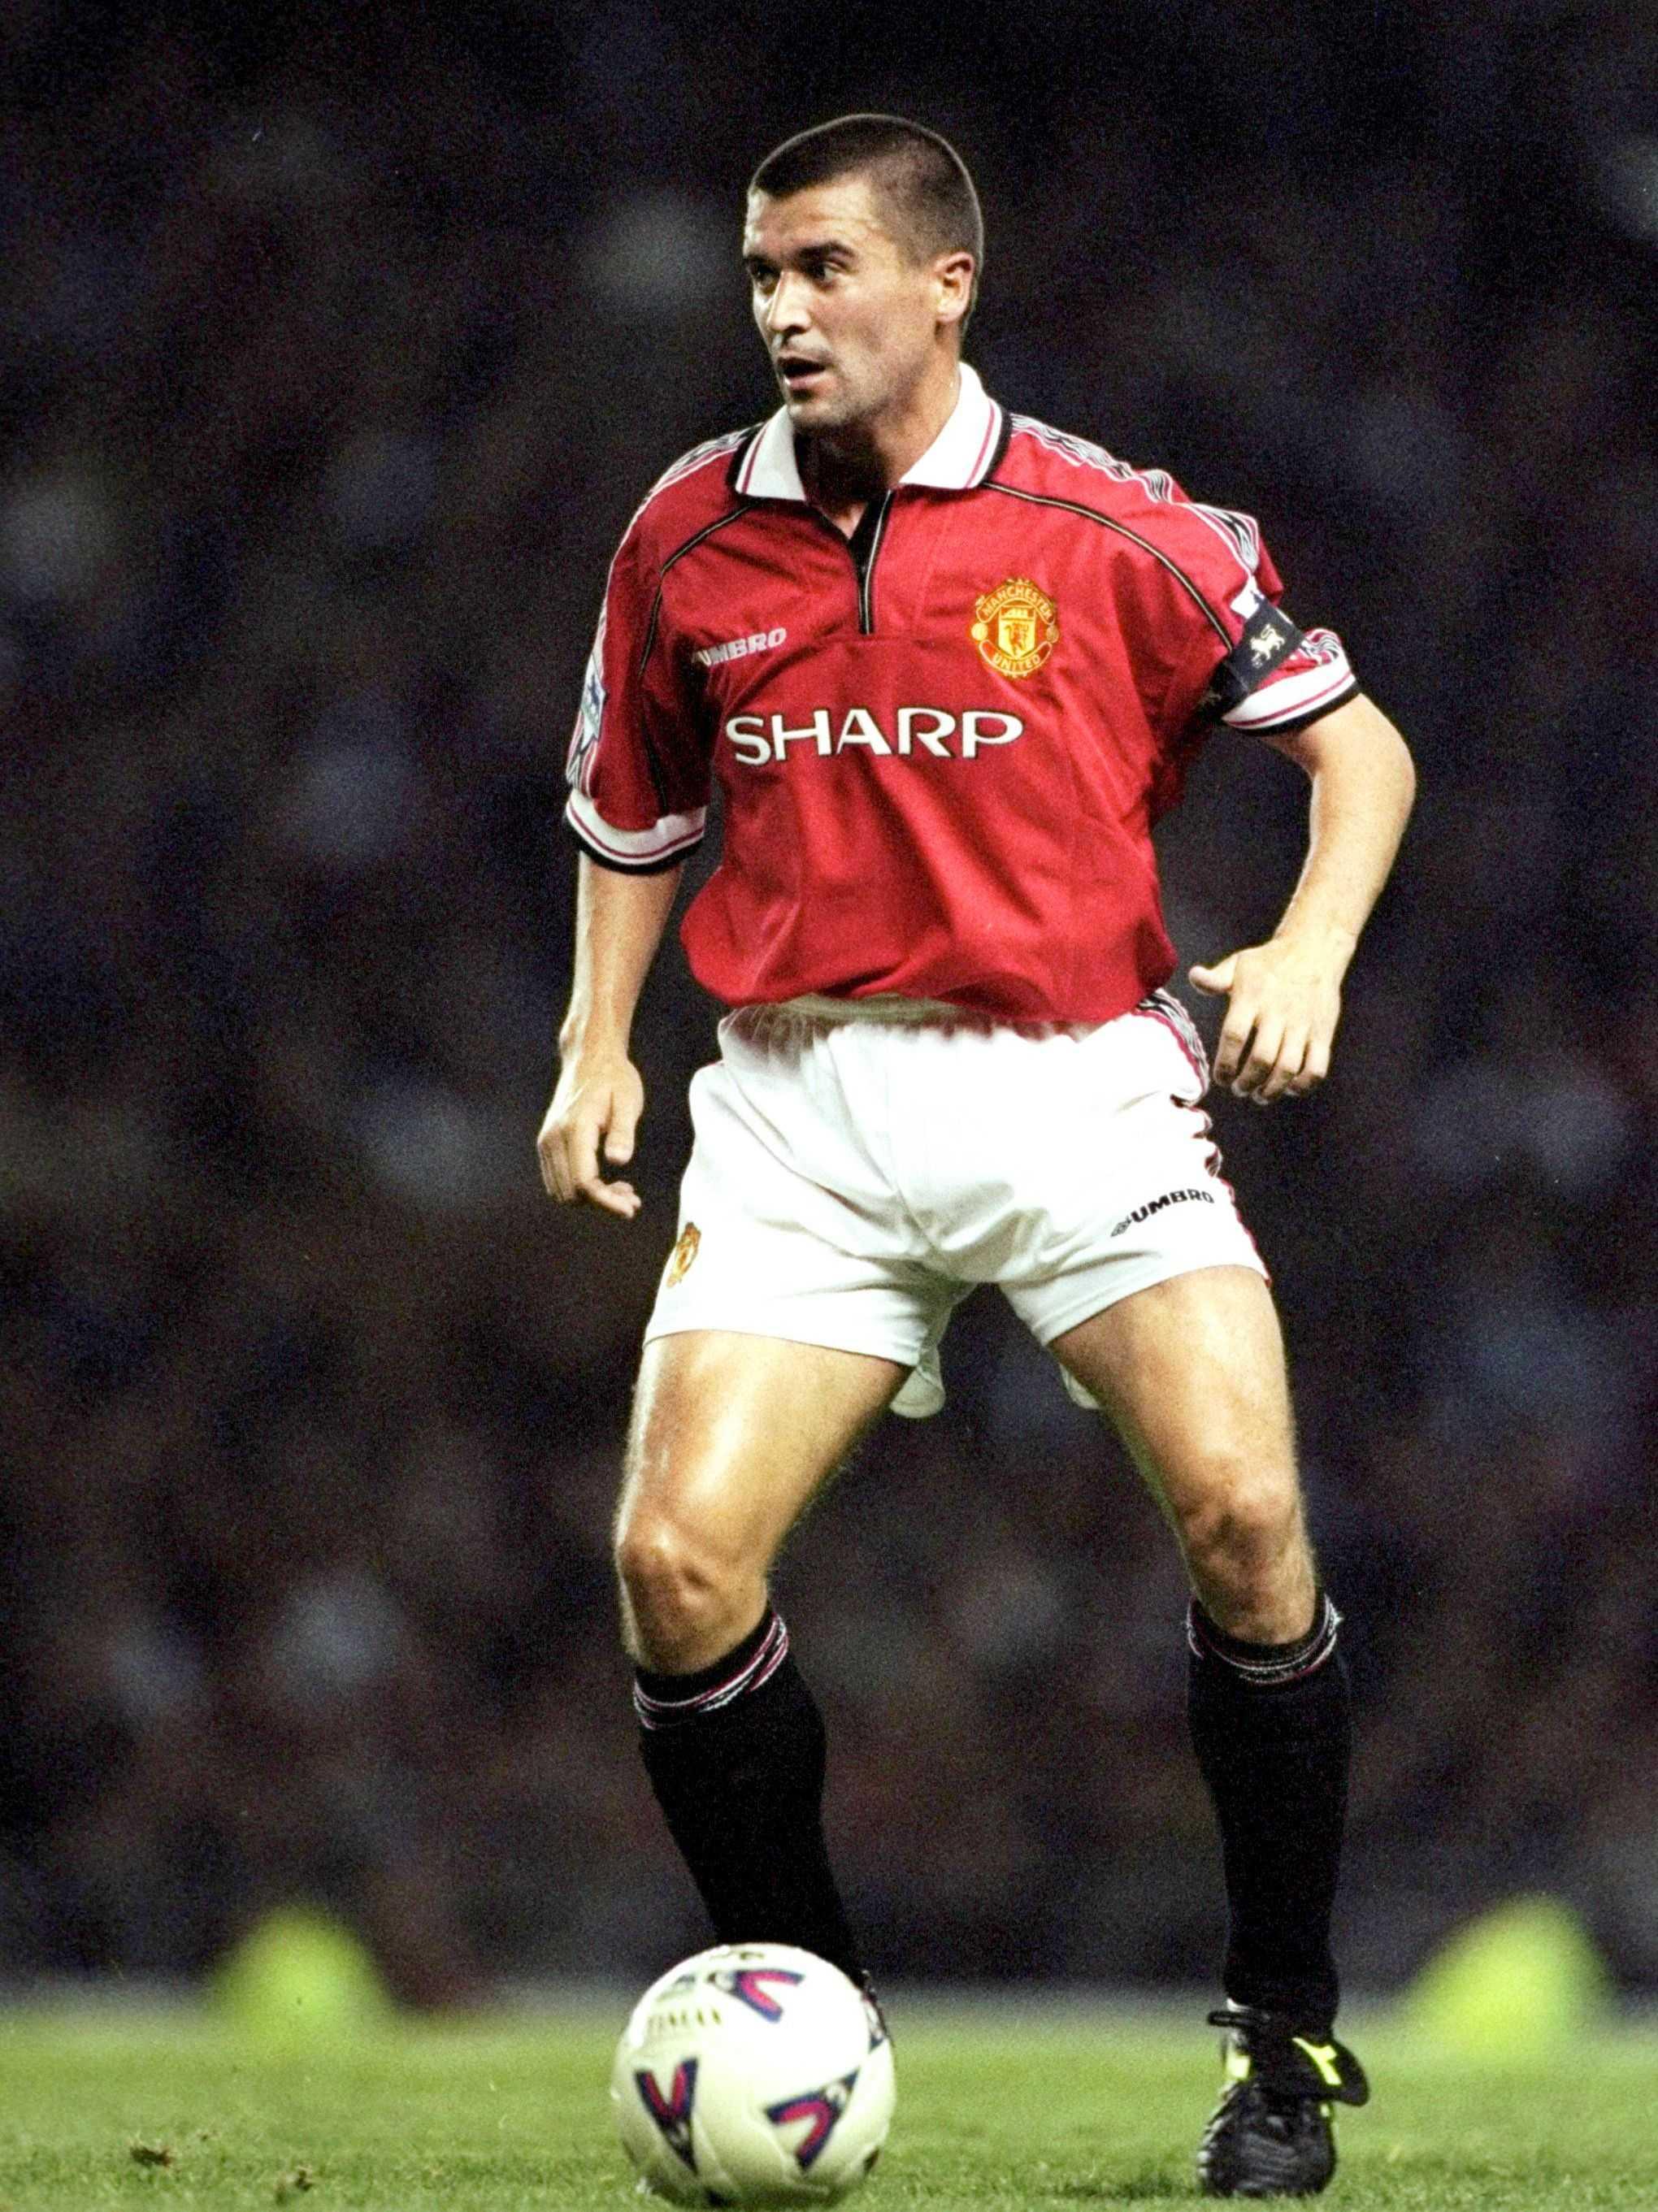 Roy Keane Career